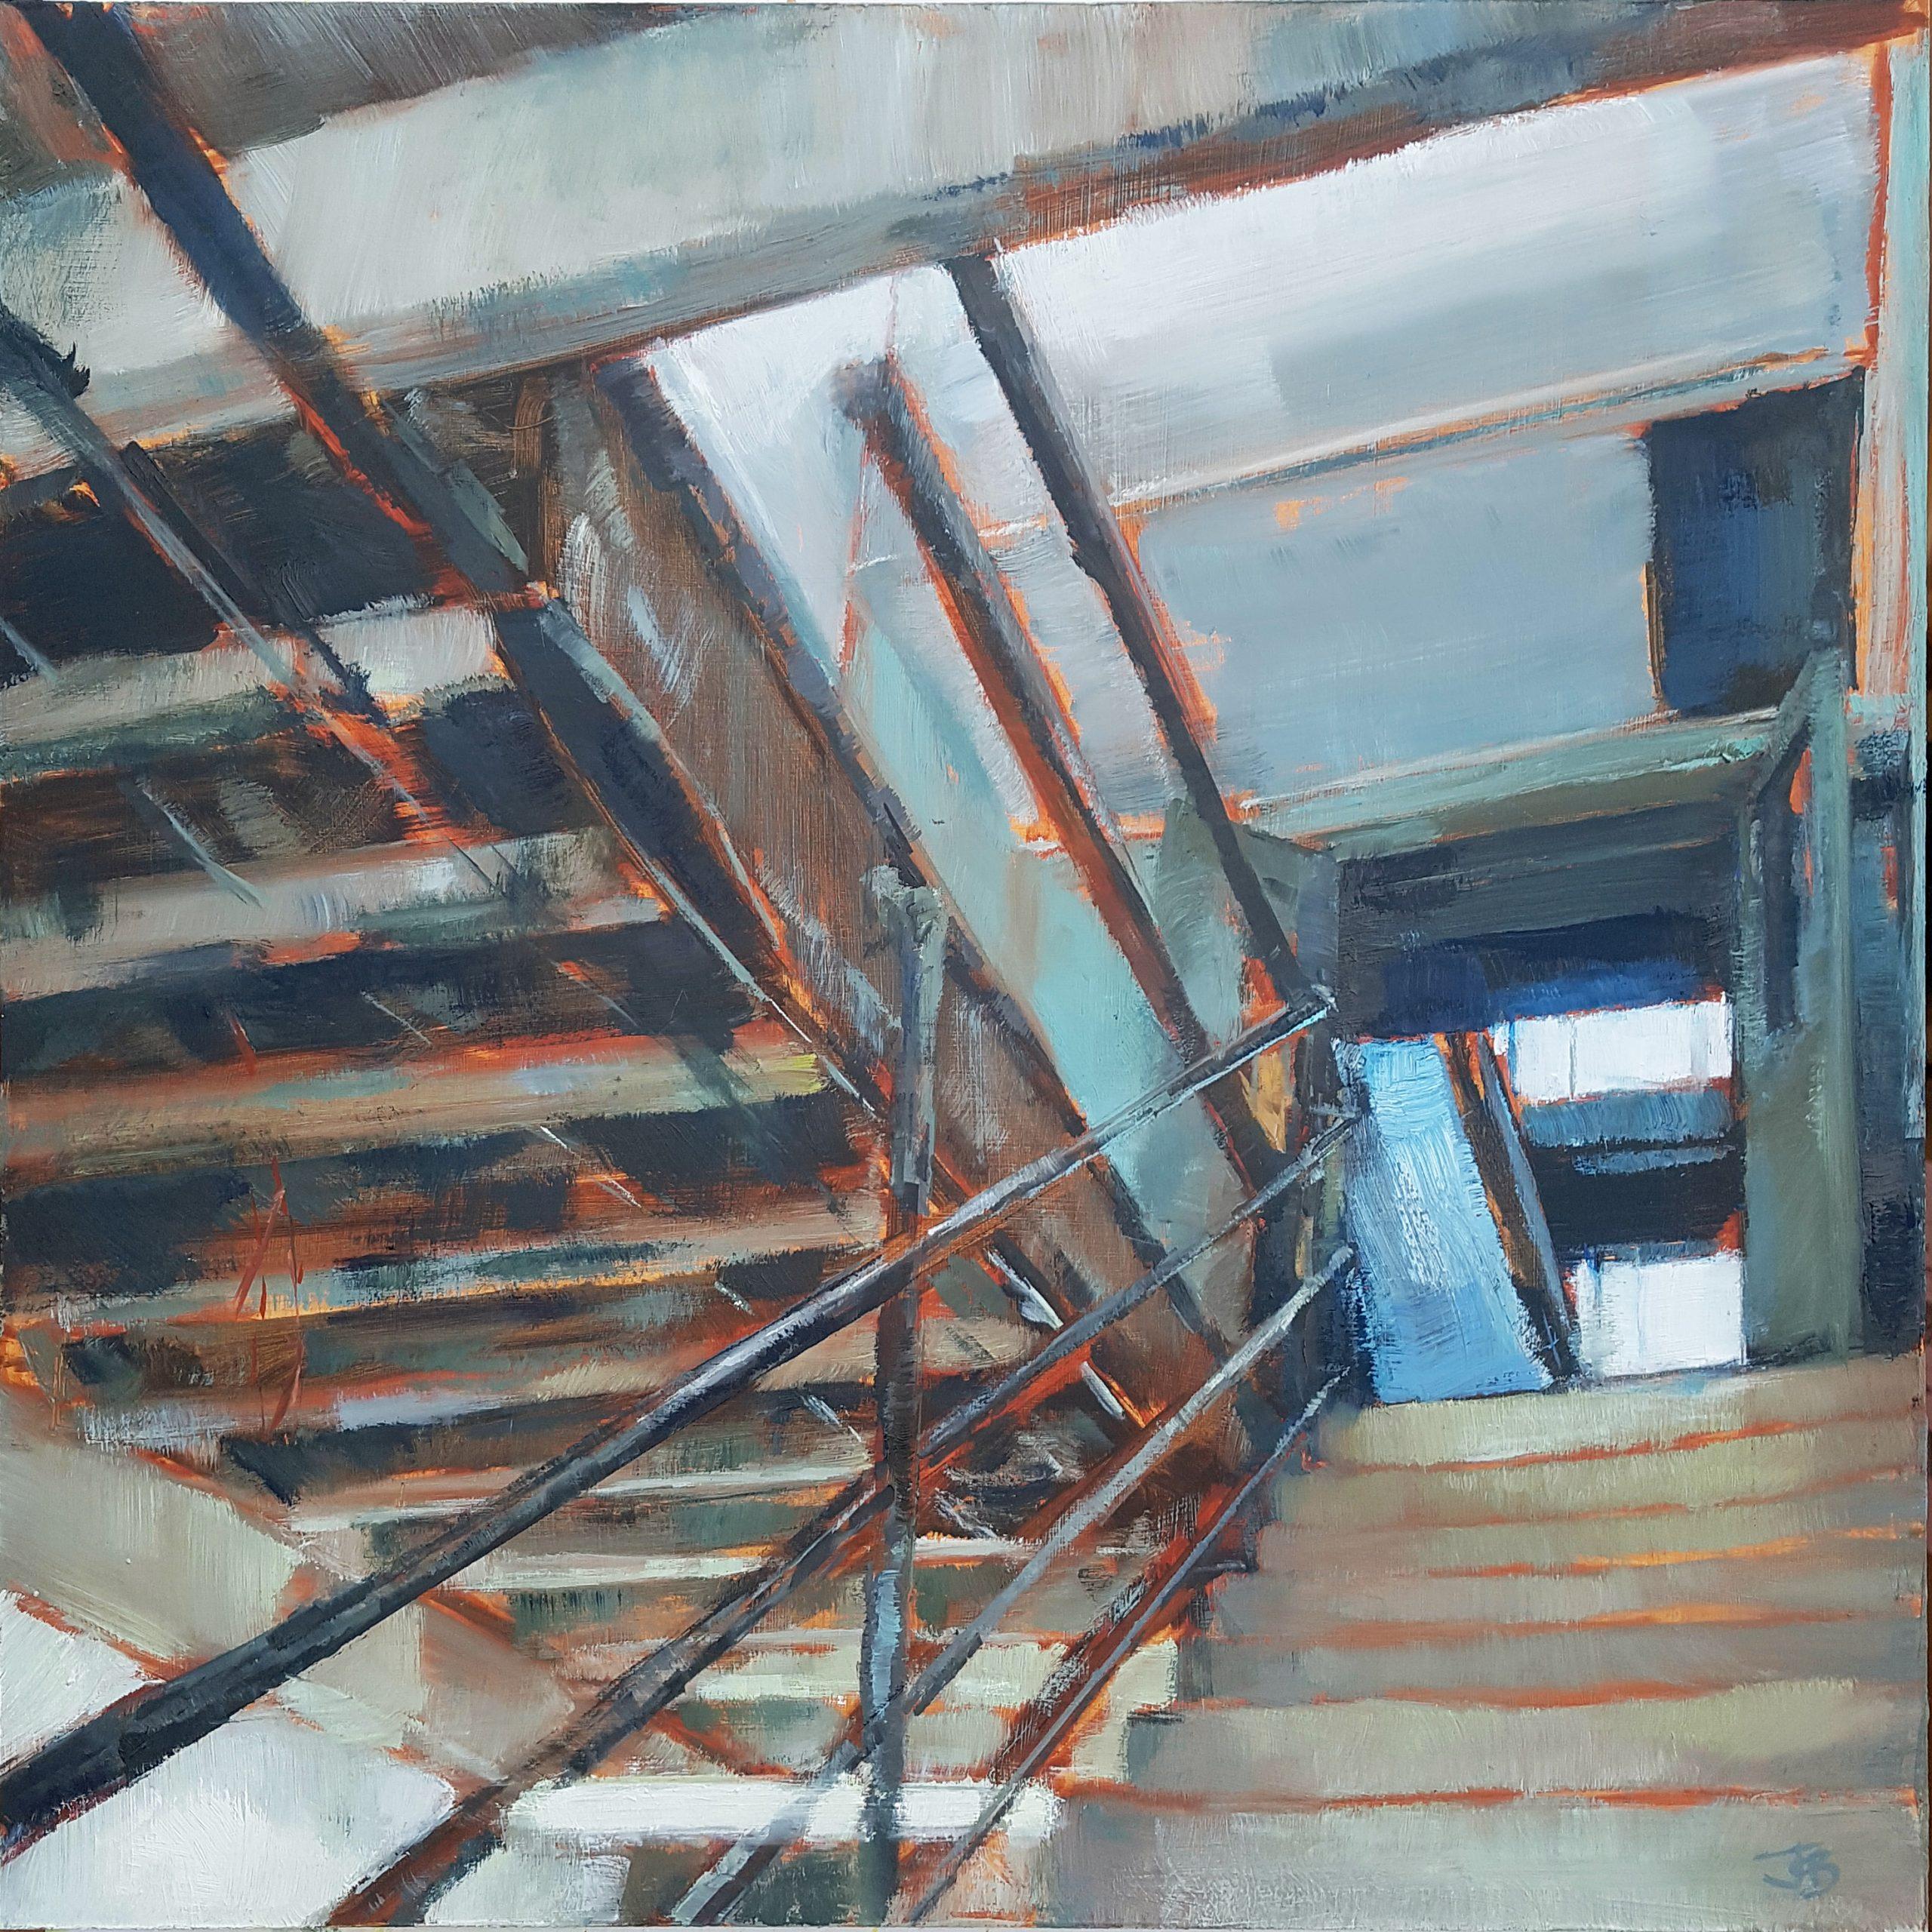 Core, 2020, Oil on board, 45 x 45cm | Julia Brown